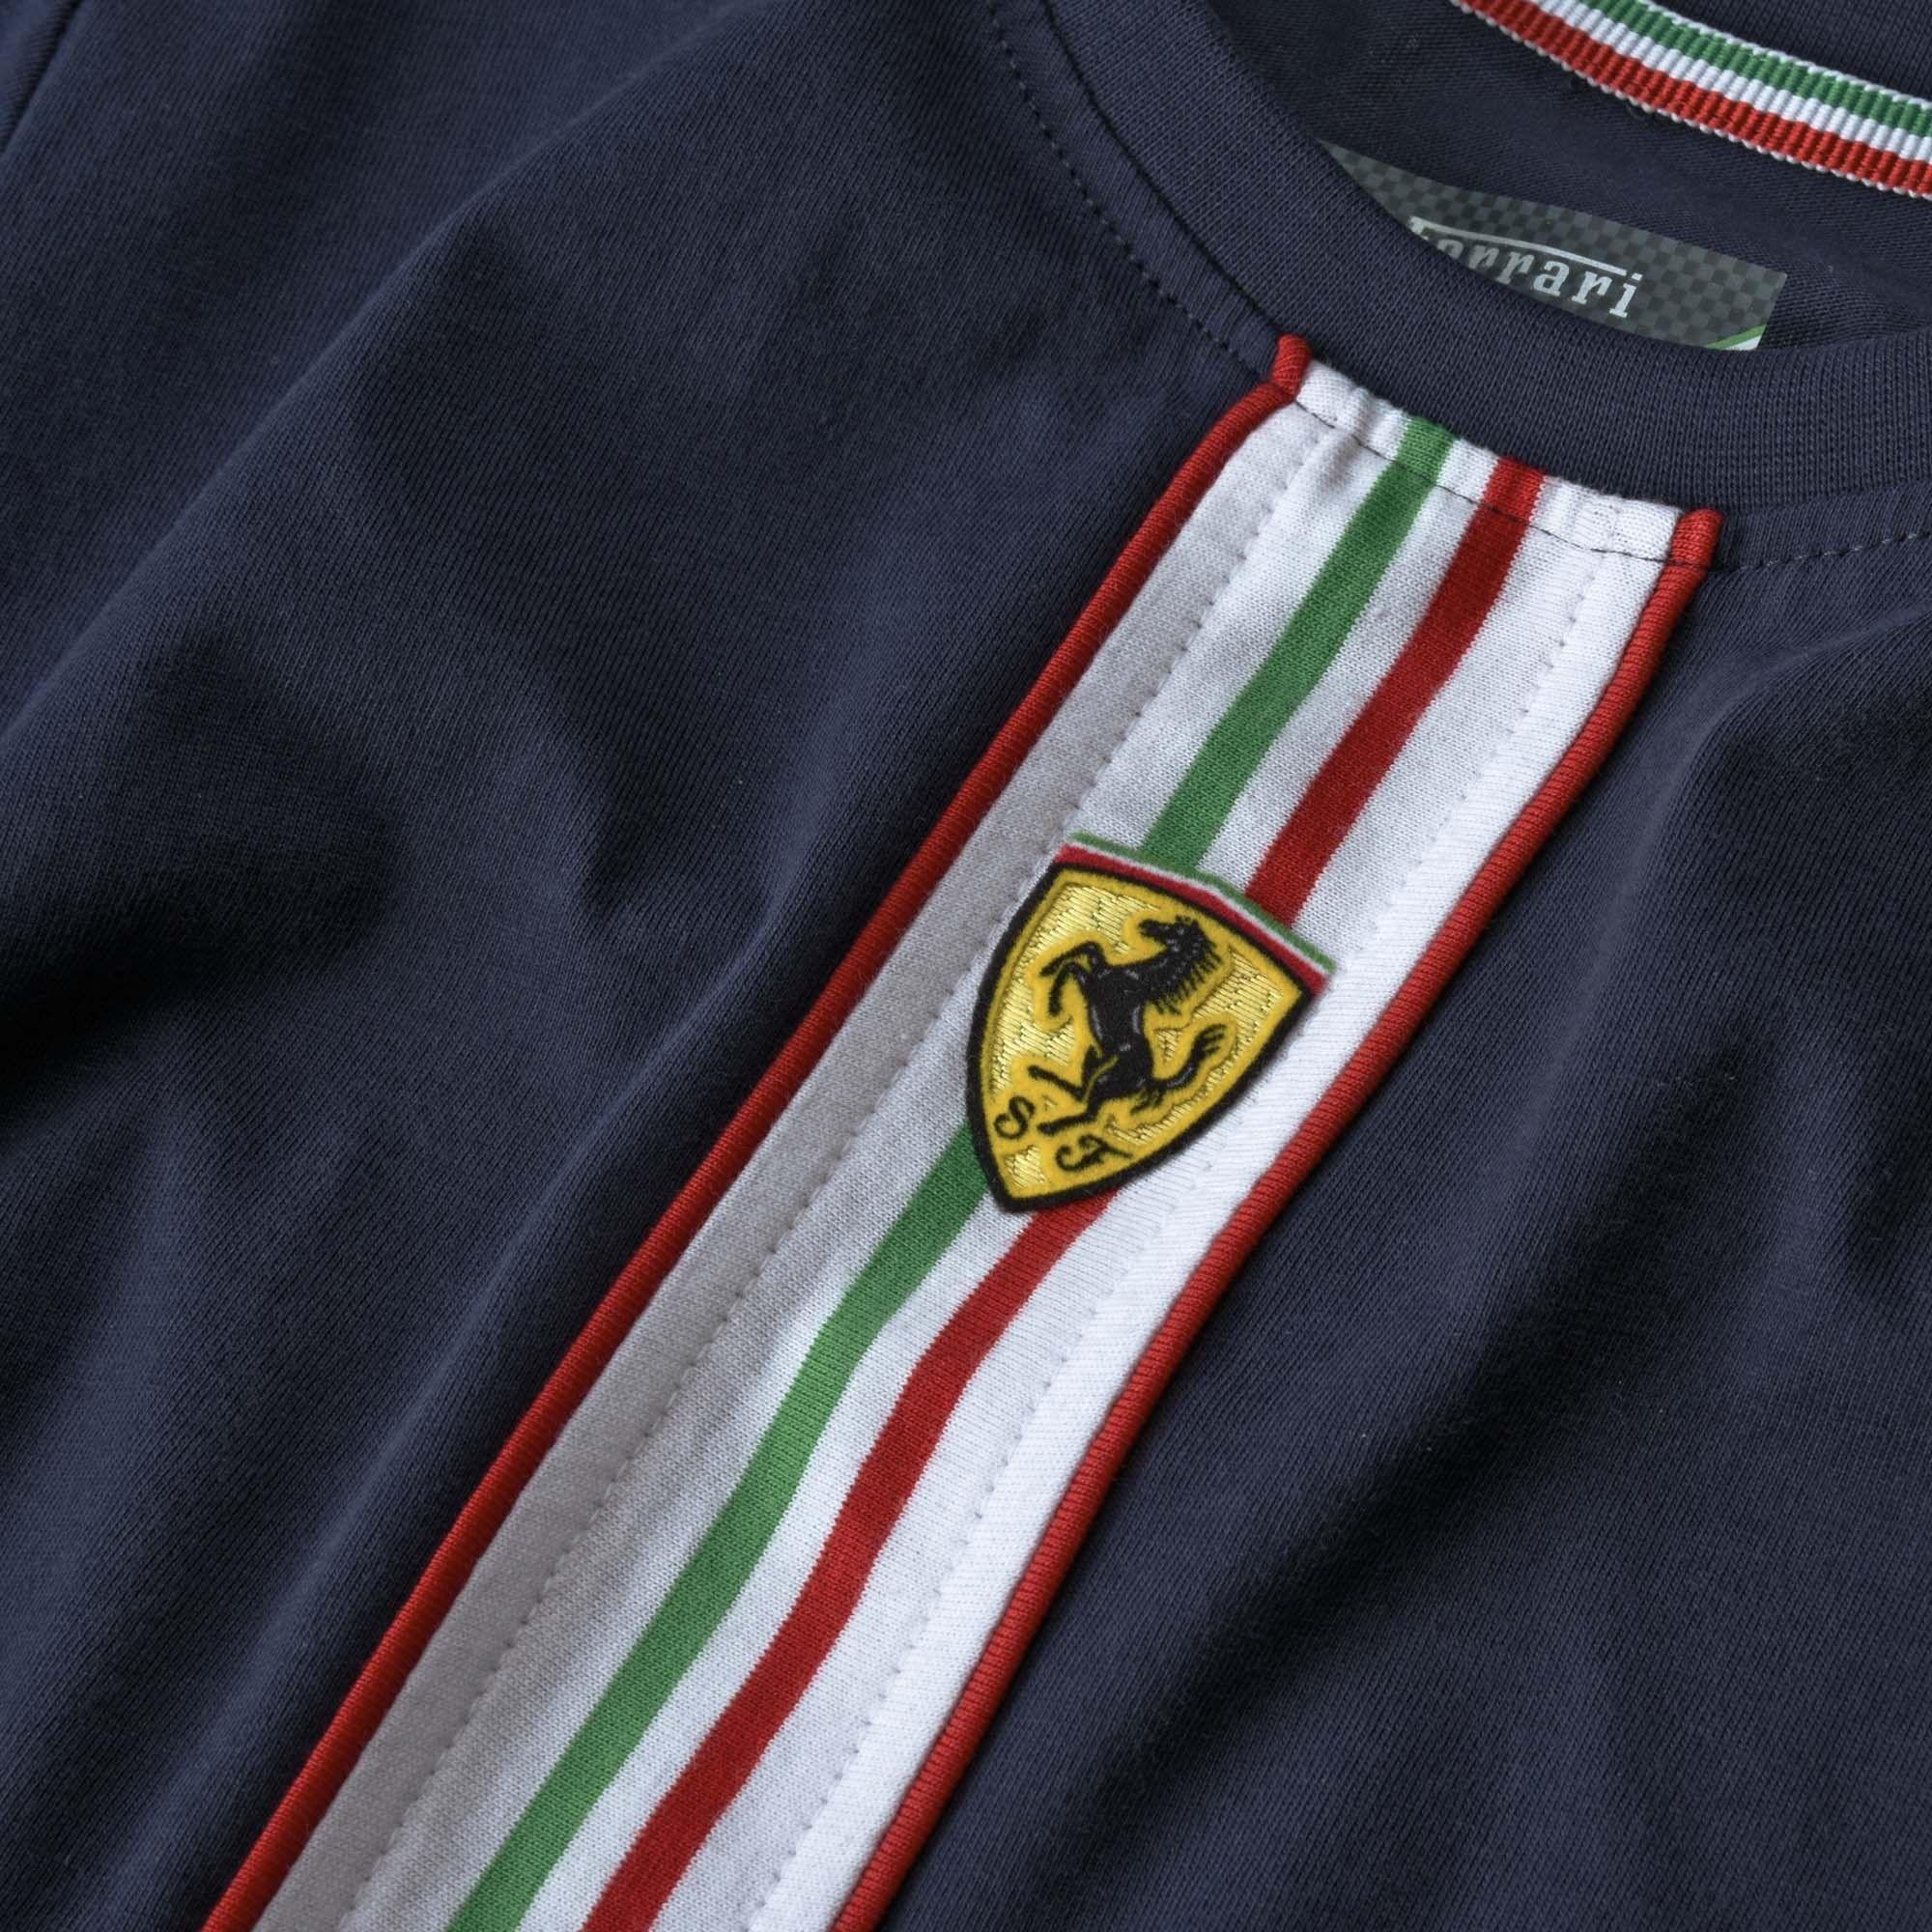 souvenirs ferrari clothes shirt racing formula polo cards c sports x small mens mem kids red nwt racingformula apparel fan